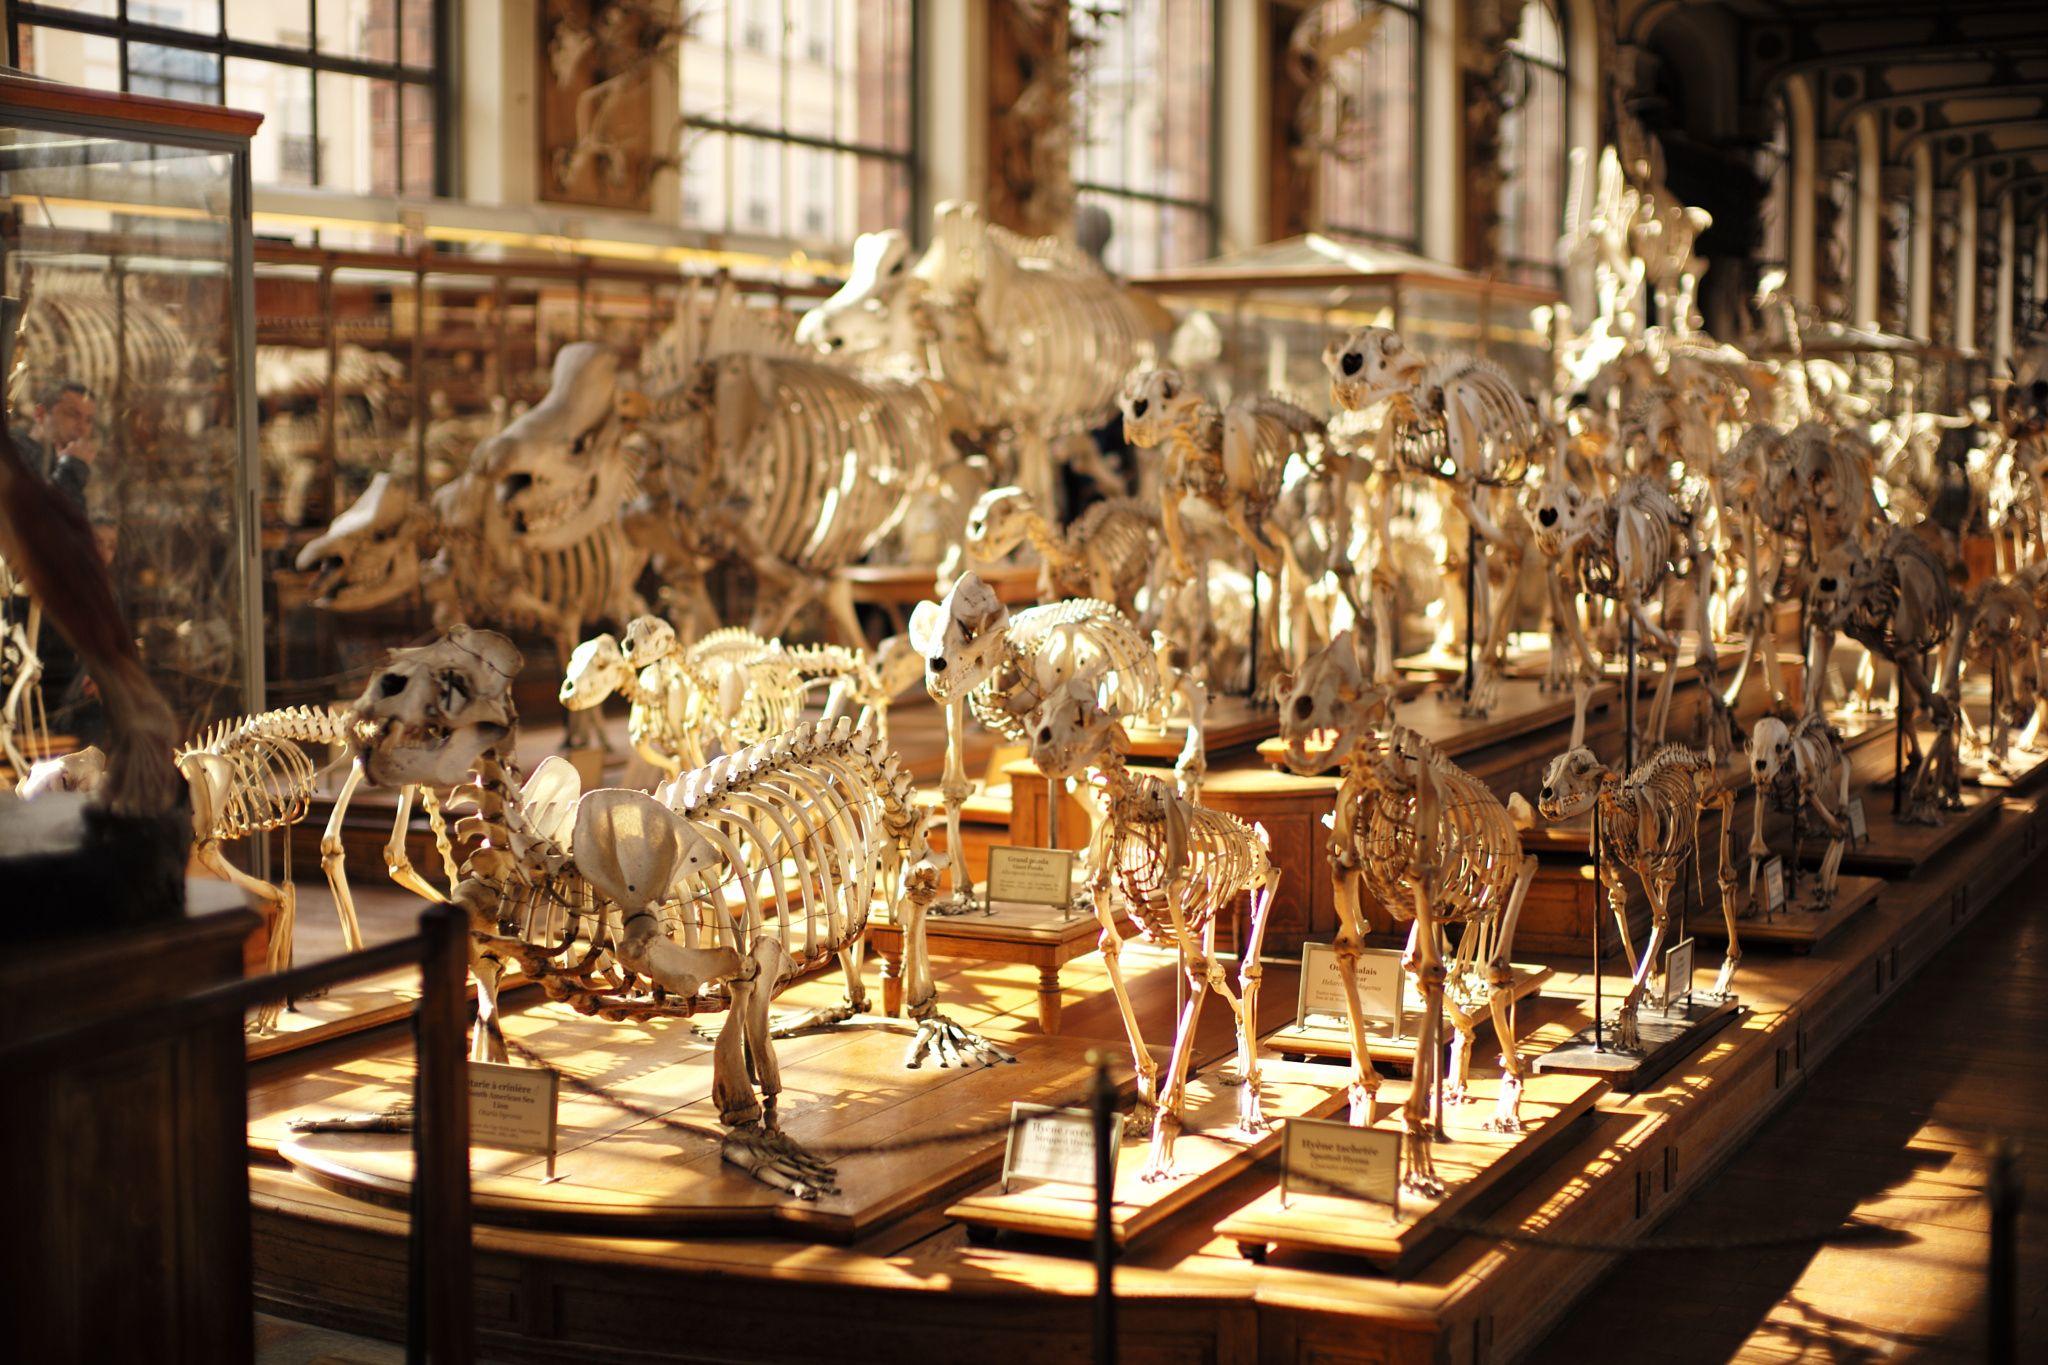 Skeletons, Muséum d\'Histoire naturelle, Paris - by Laurel Duermael ...